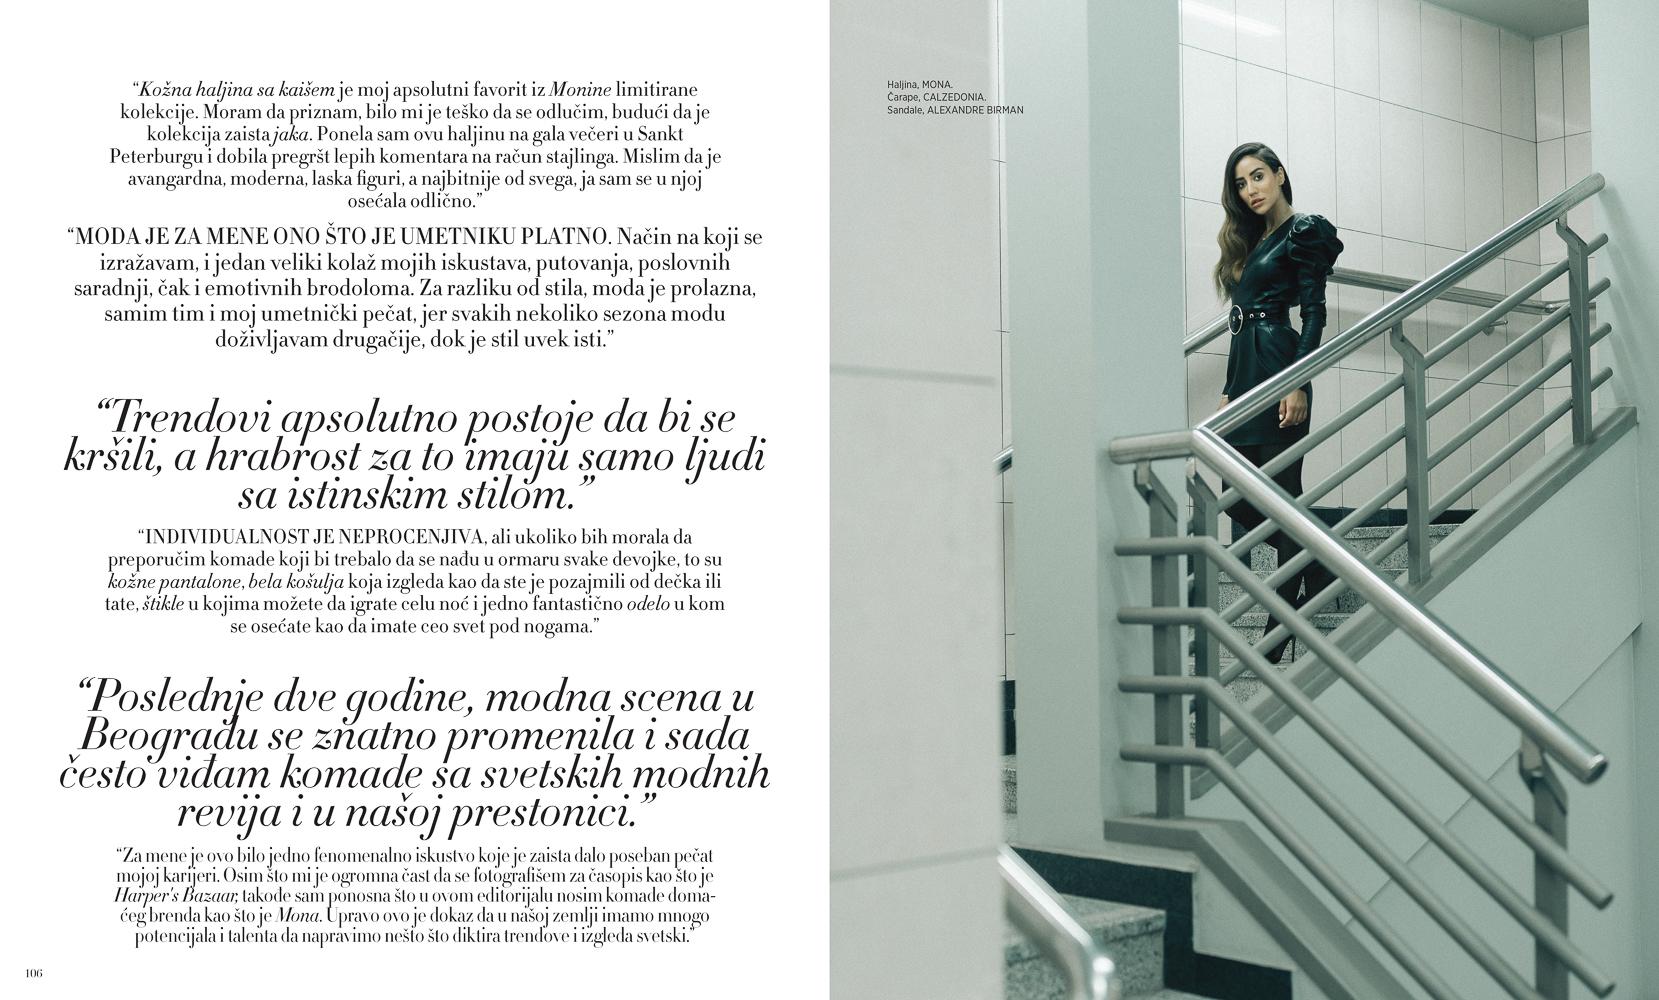 Harper's Bazaar, October '18